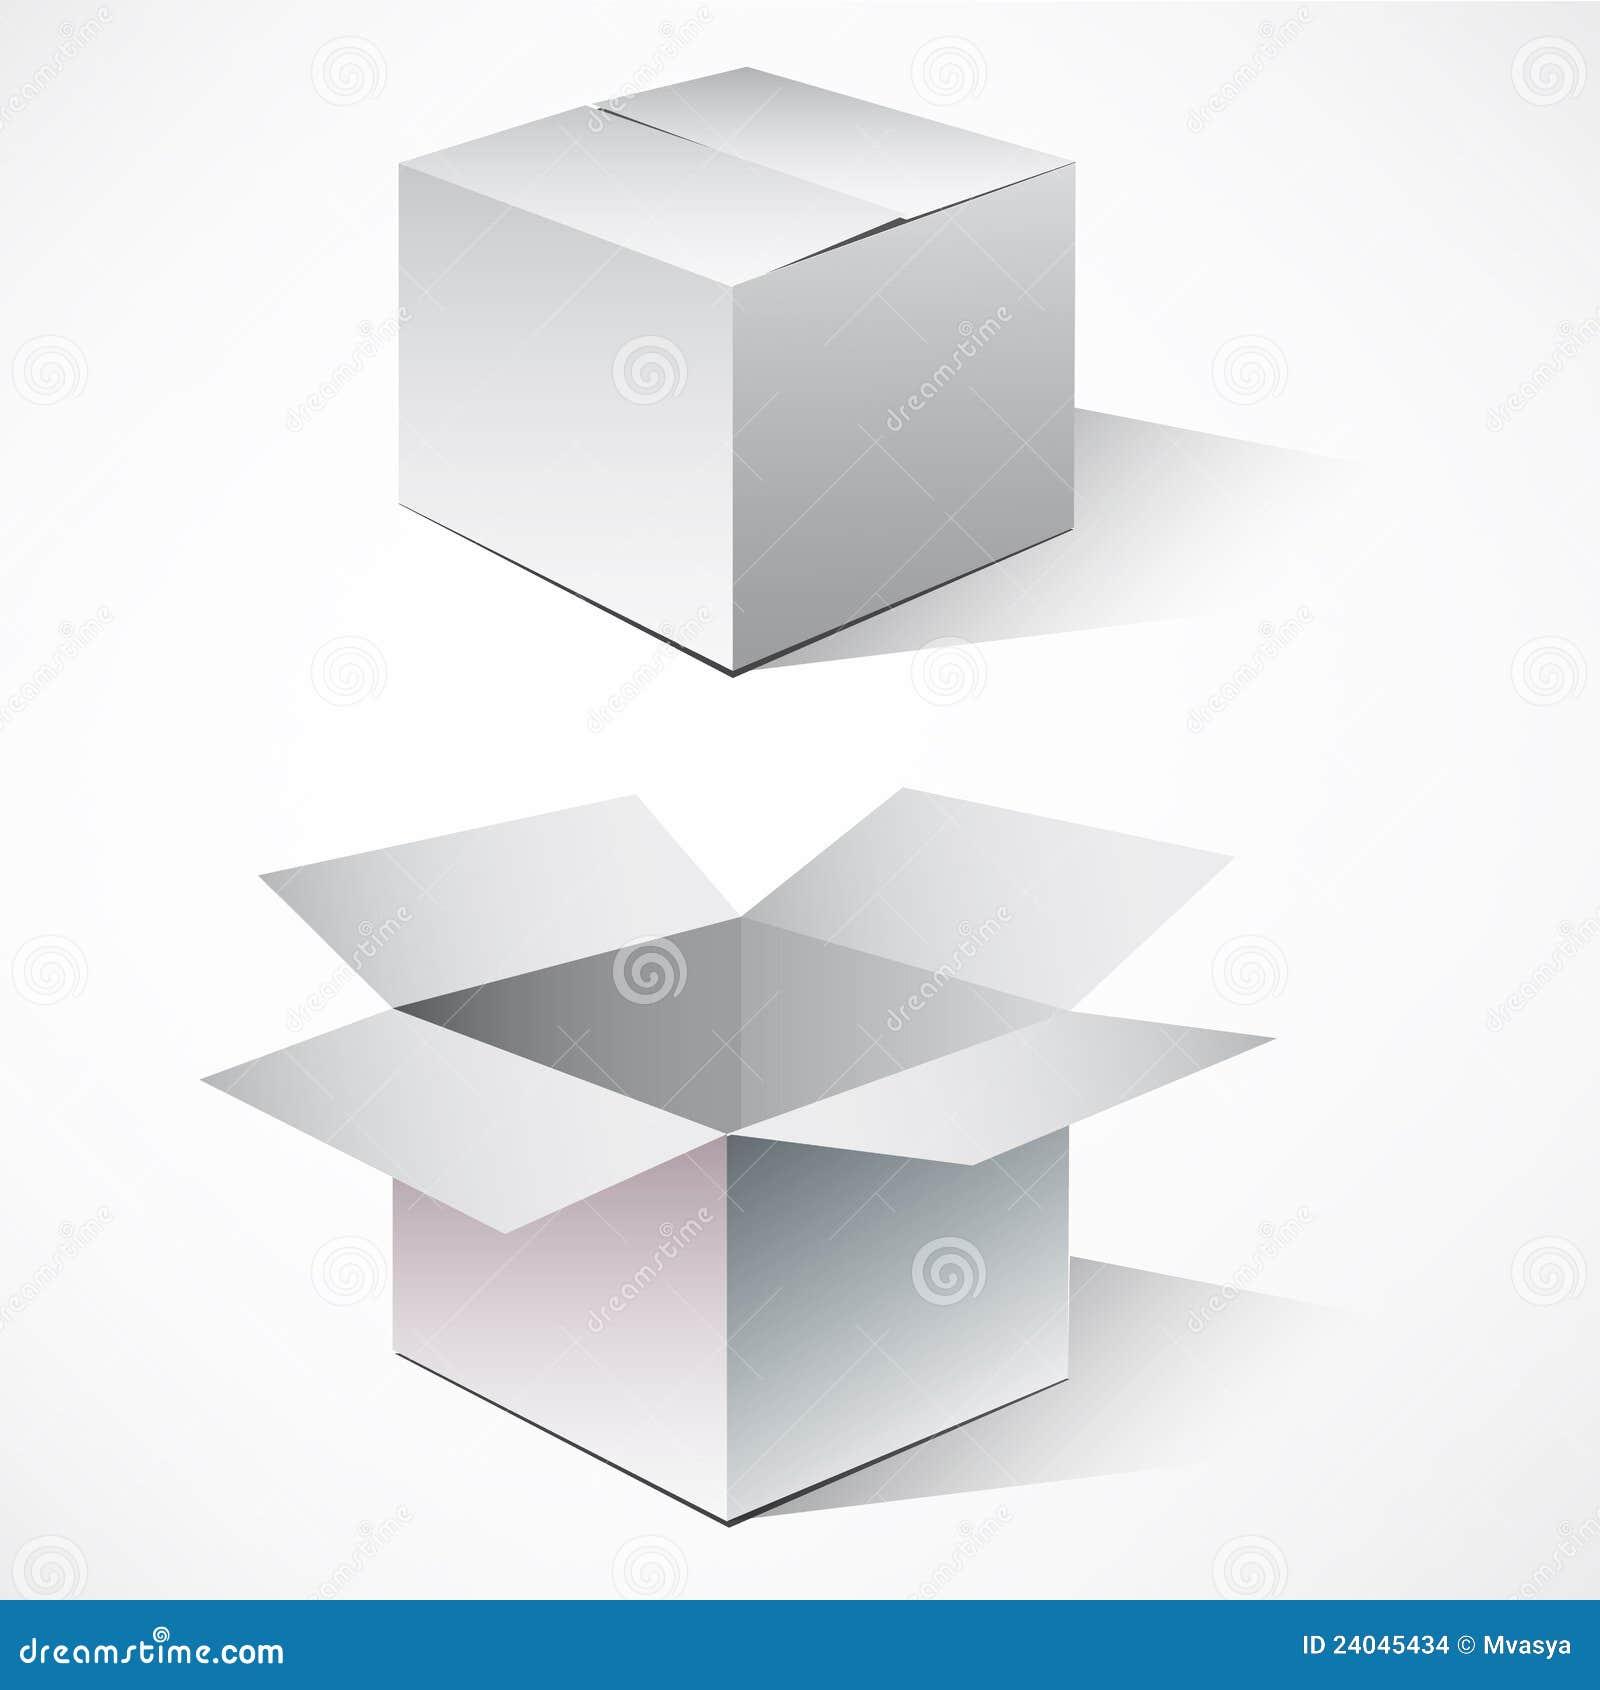 кладет картон в коробку